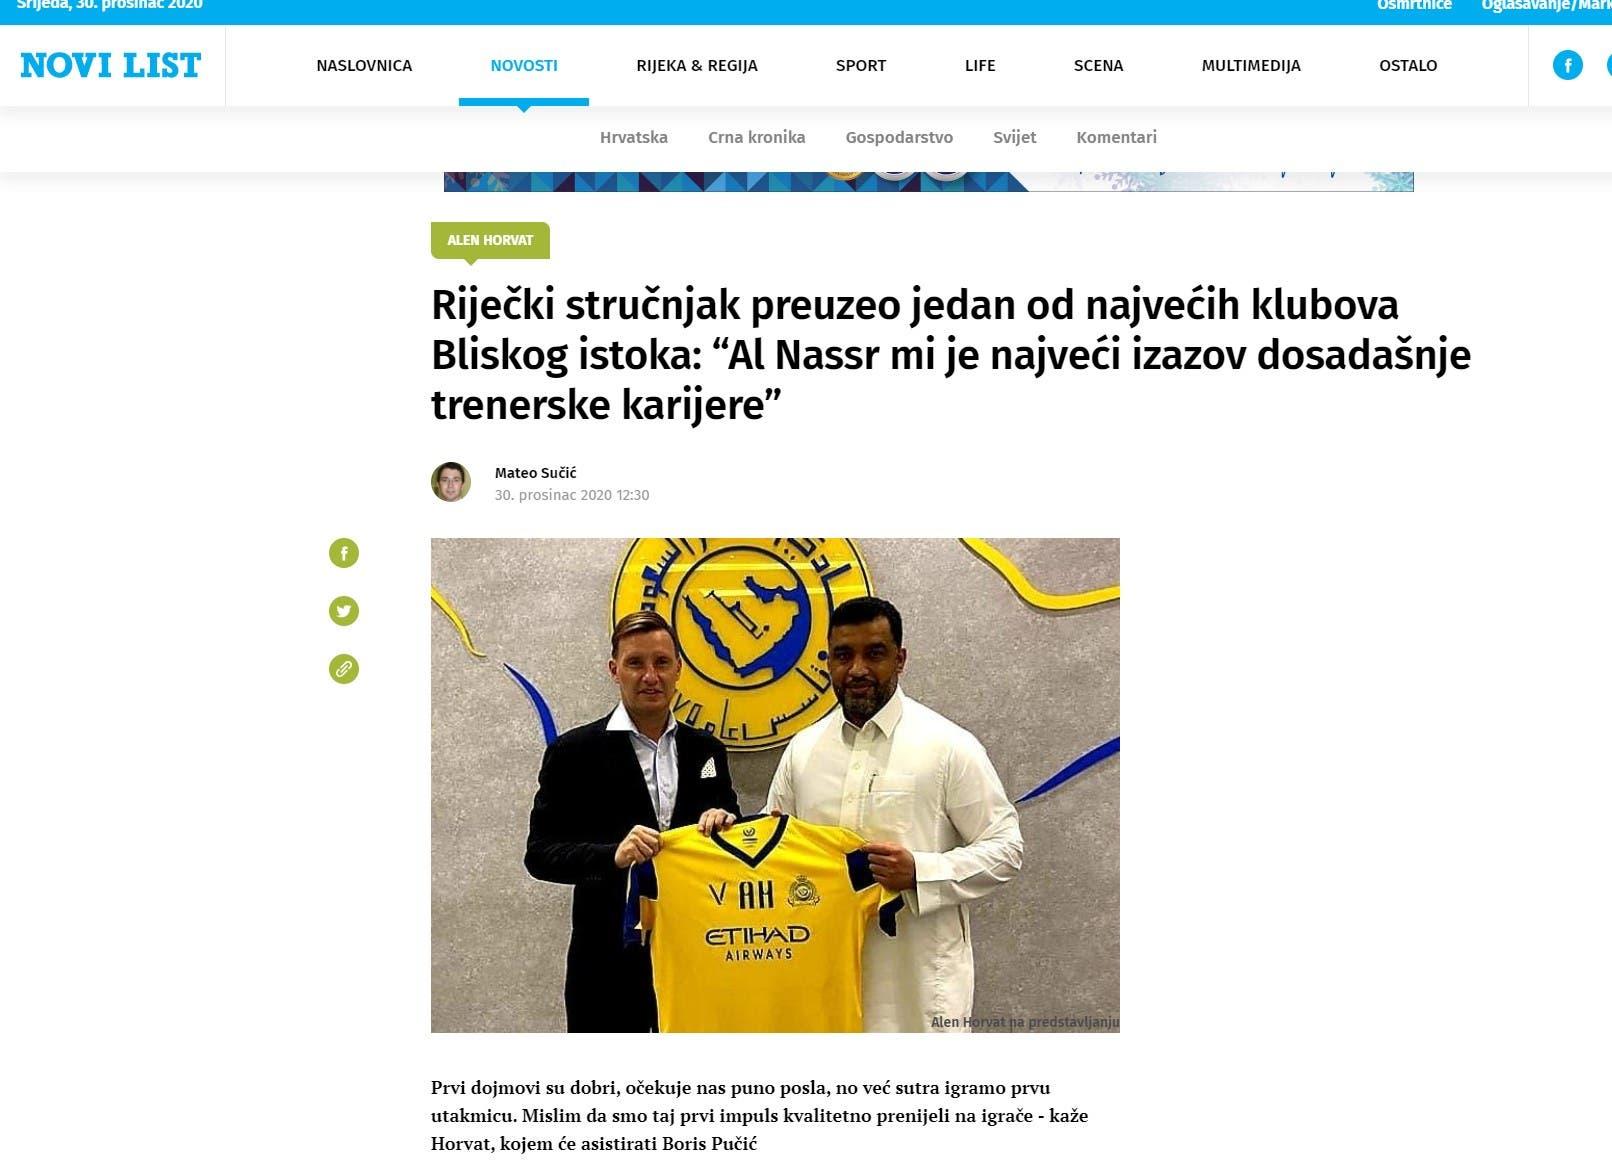 صورة ضوئية من موقع الصحيفة الكرواتية